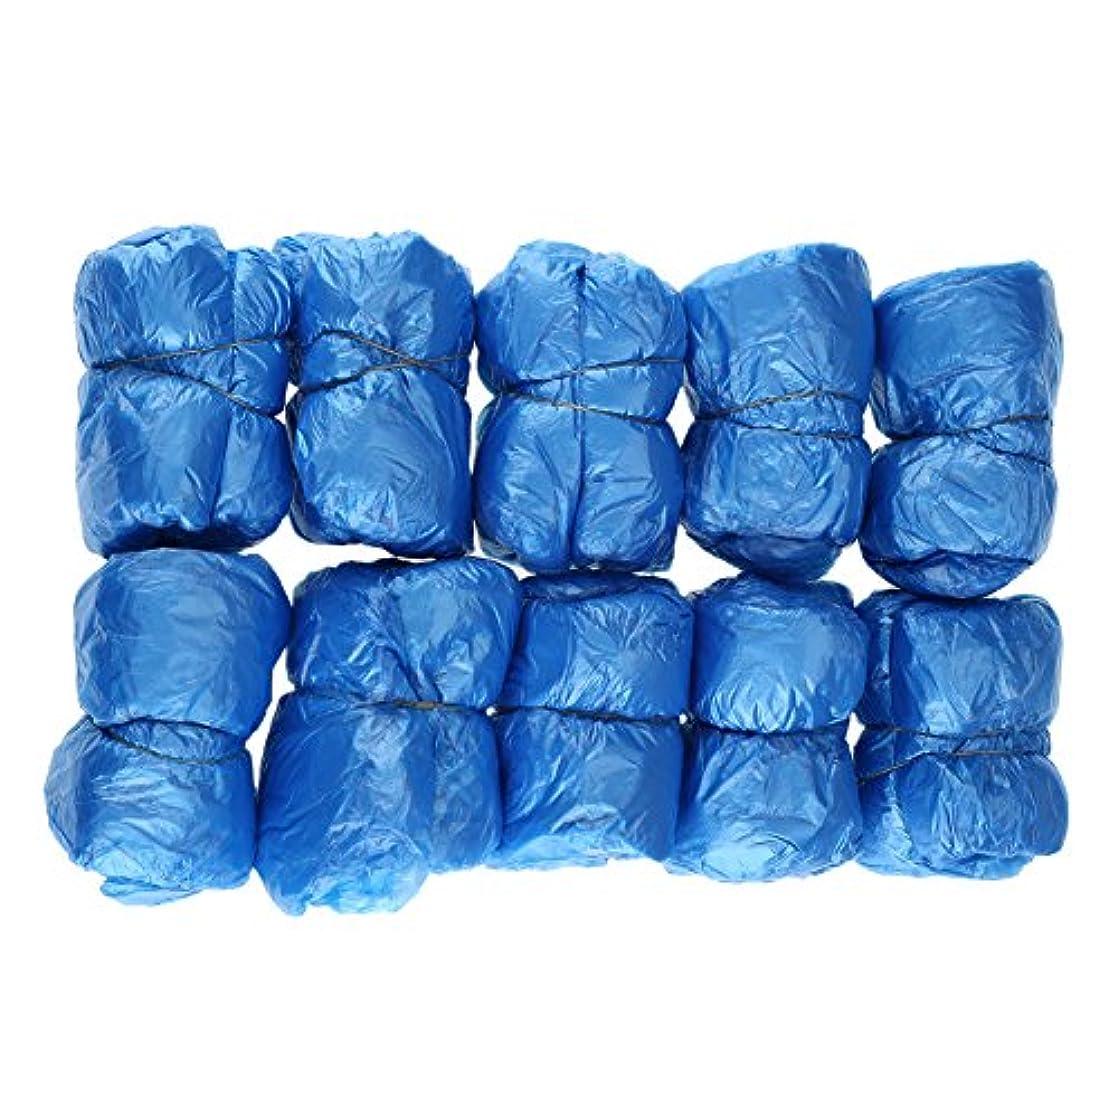 ボウリング改修いたずらな100枚入 使い捨て靴カバー シューズカバー 靴カバー サイズフリー簡単 便利 衛生 家庭用品 ブルー